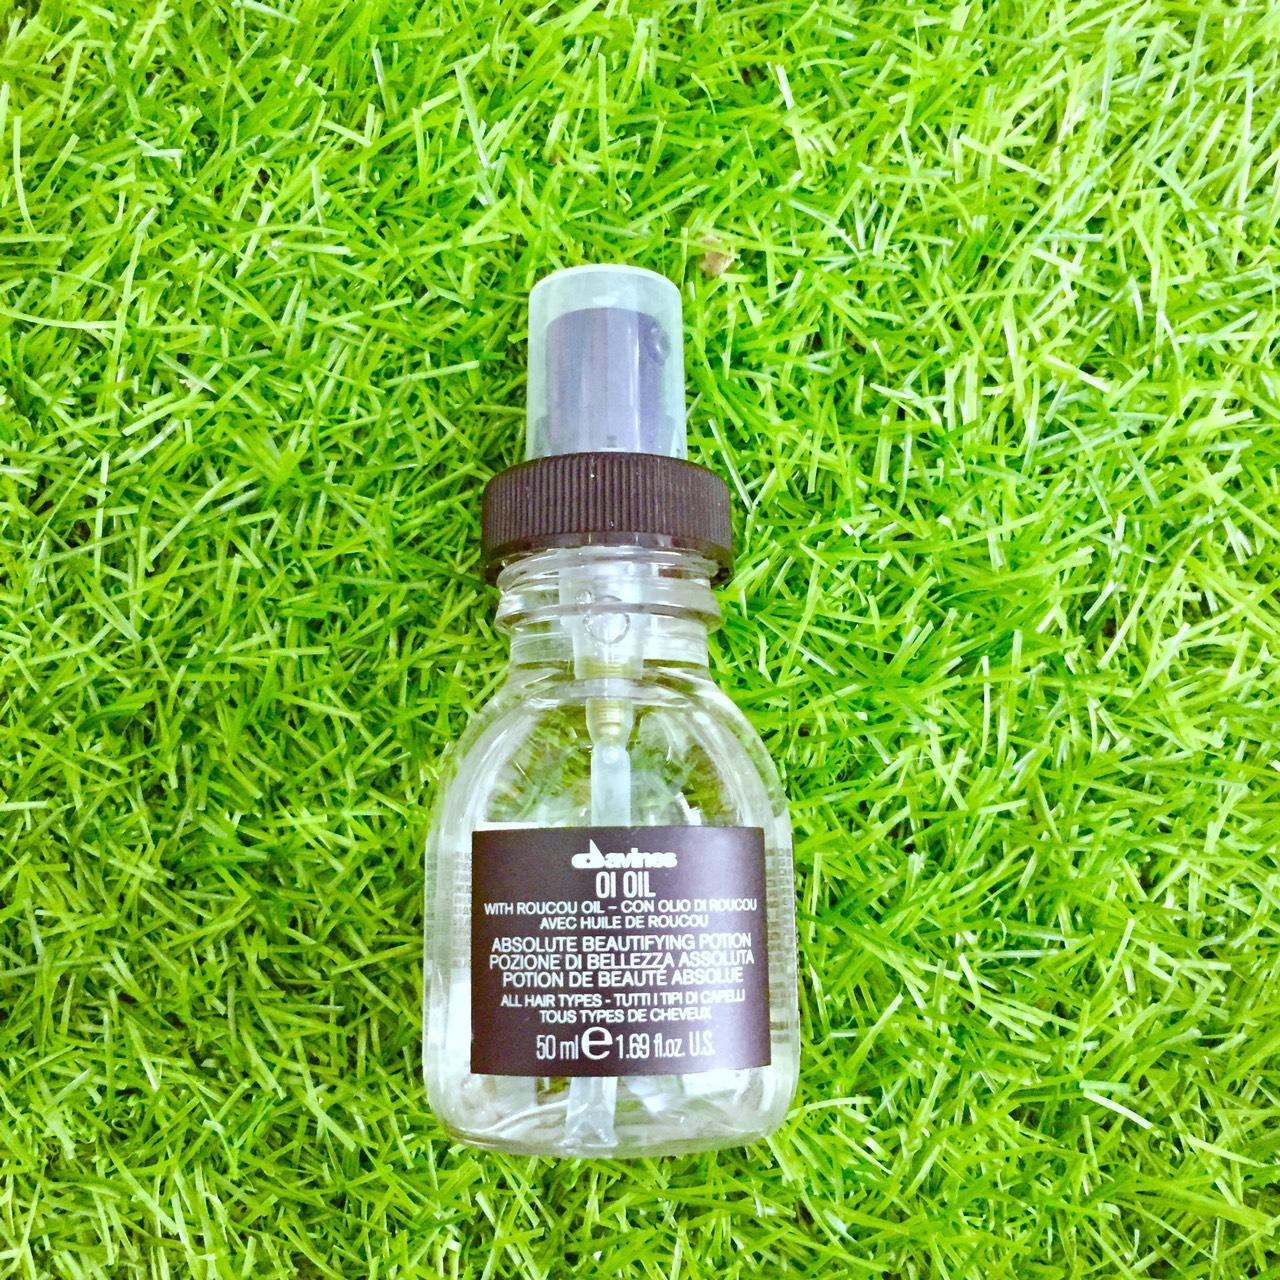 Tinh dầu dưỡng tóc hoàn mỹ Davines OI OIL 50ml